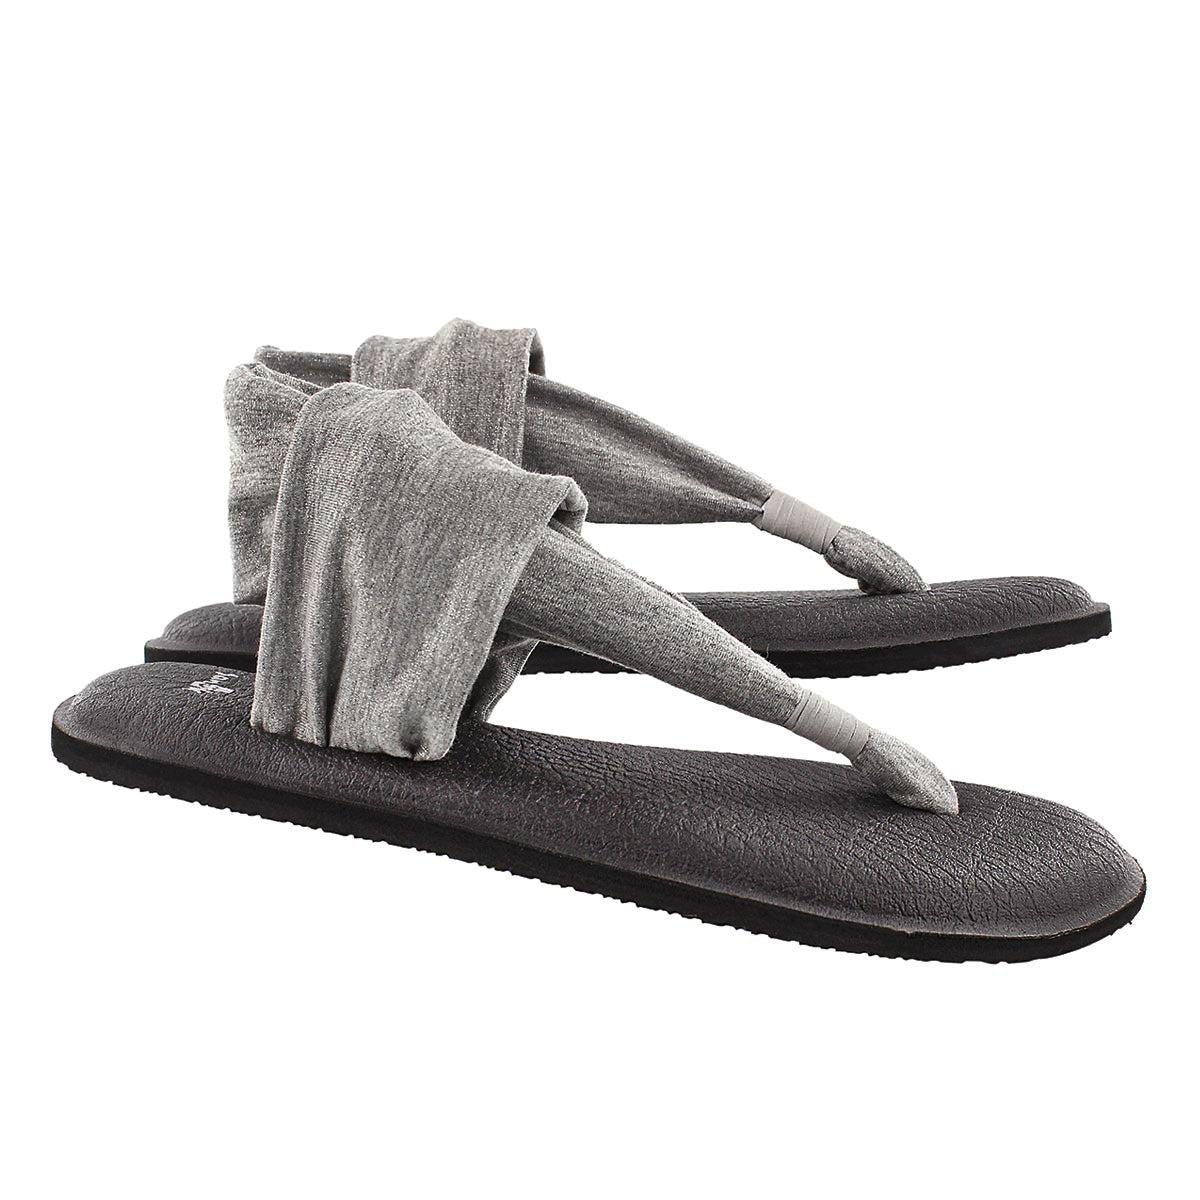 Sandale tong Yoga Sling, argent m�t, fem